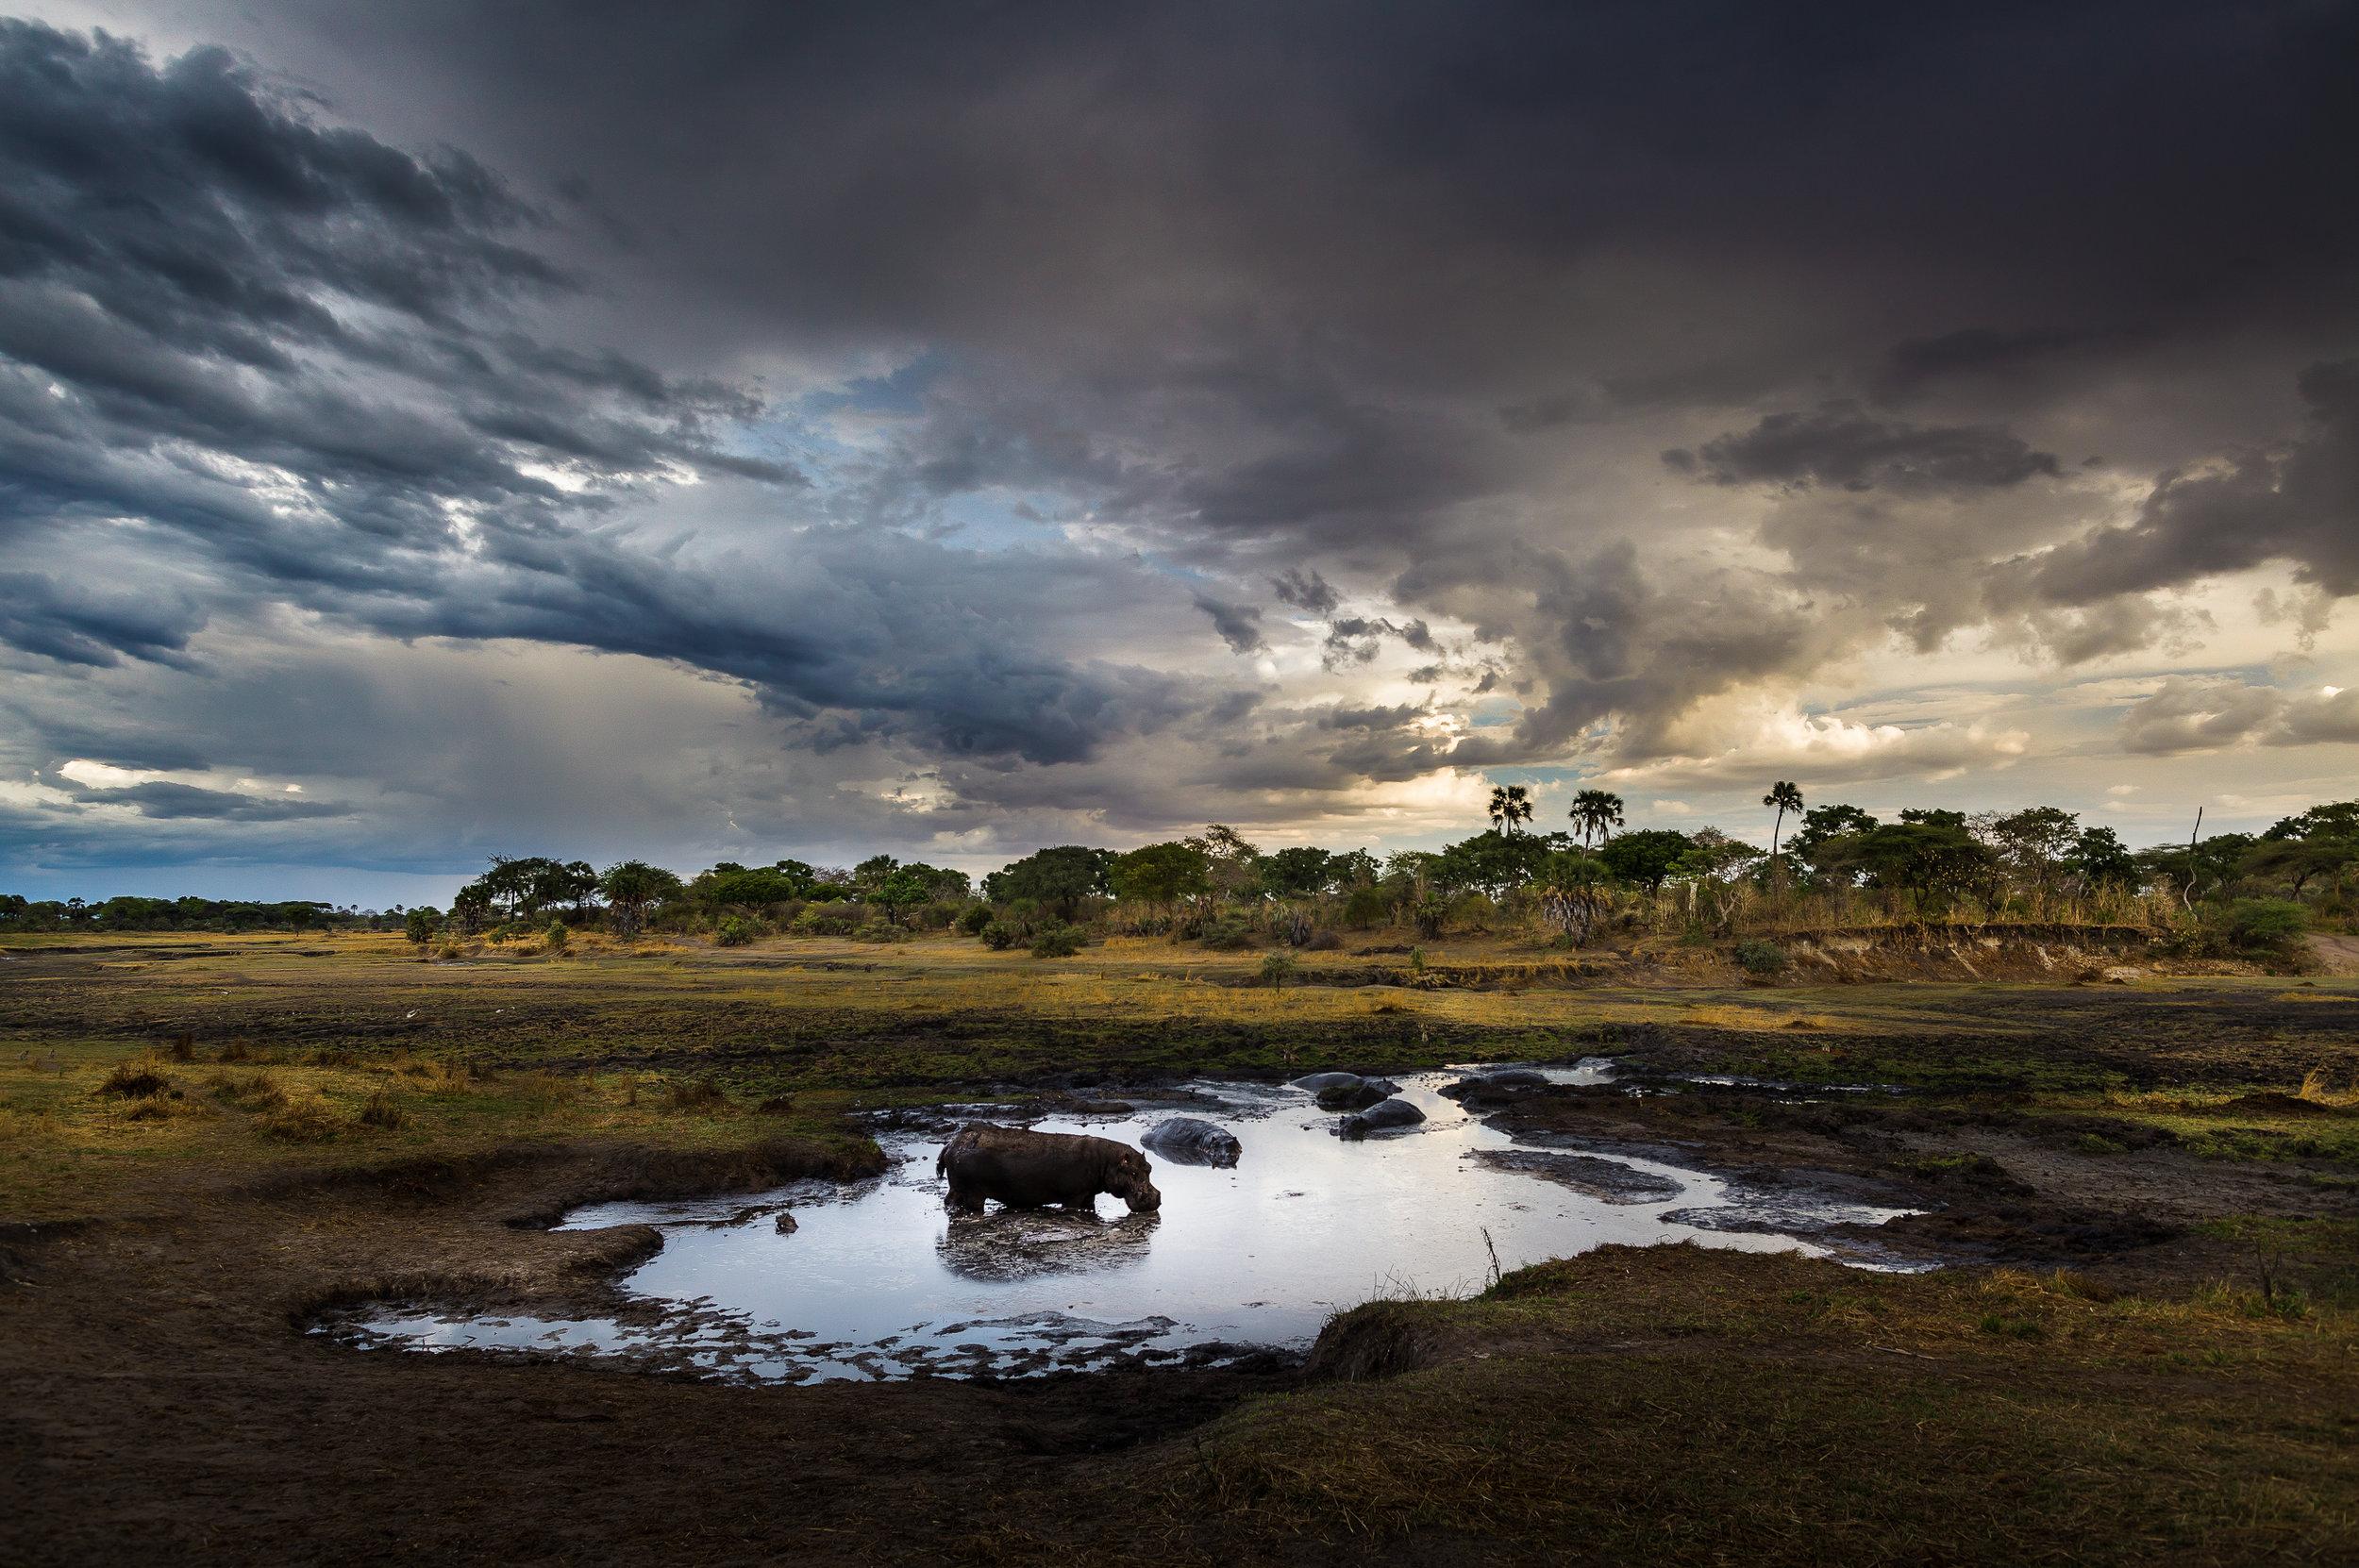 photo-workshop-tanzania-katavi-5.jpg